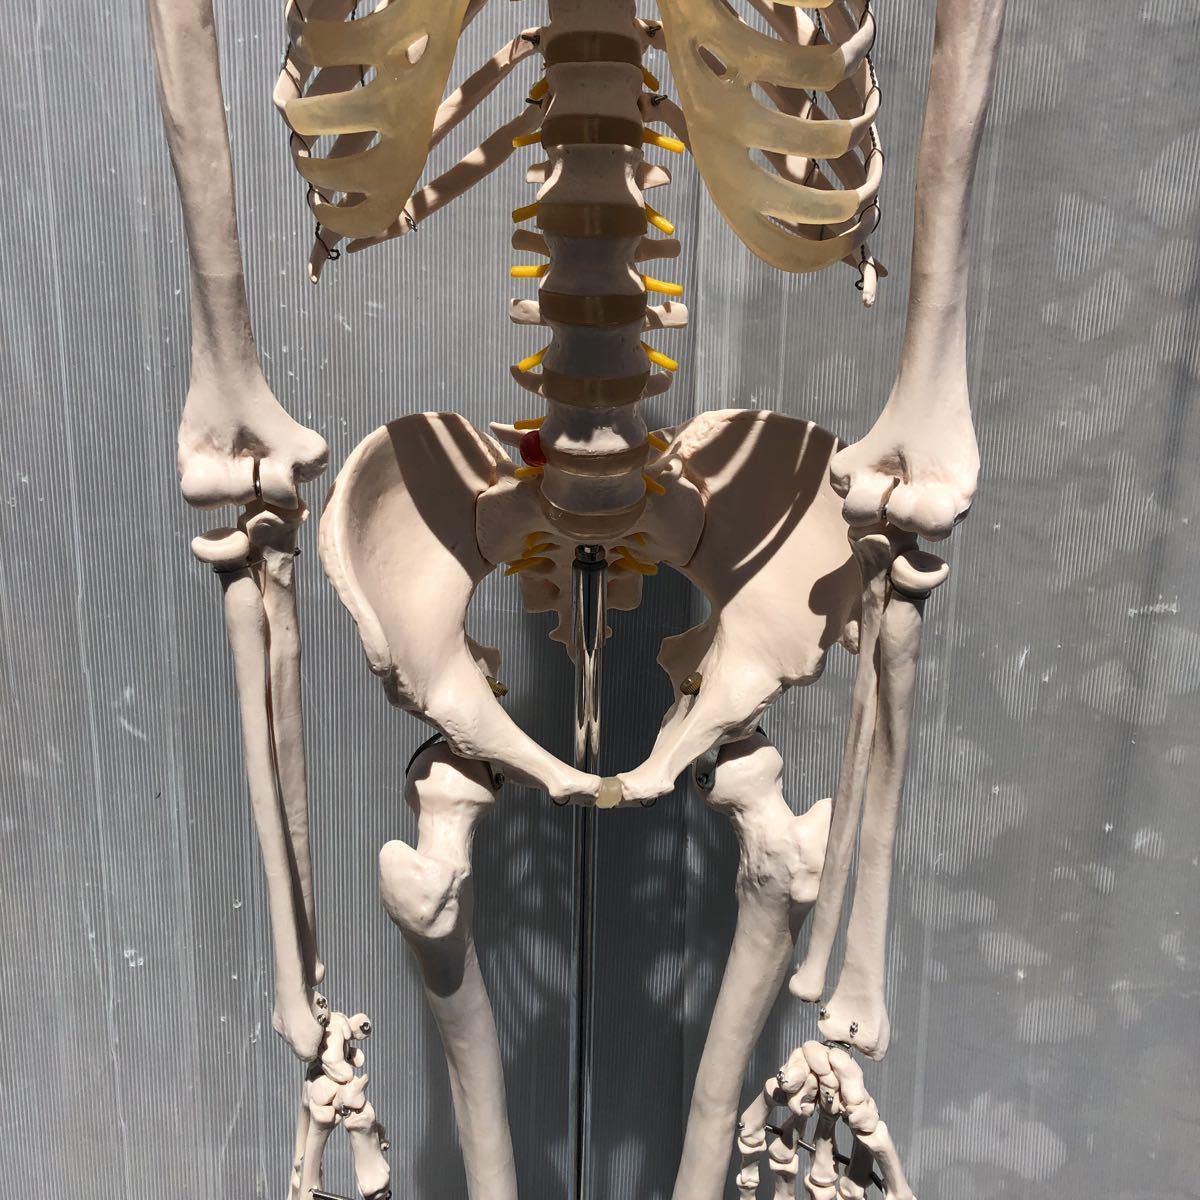 【美品】人体模型 骨格模型 骨格標本 等身大 ヒューマンスカル ガイコツ スカル 約165cm 医学 実験 骸骨 ジャンク 直接取引可能(矢199)_画像4